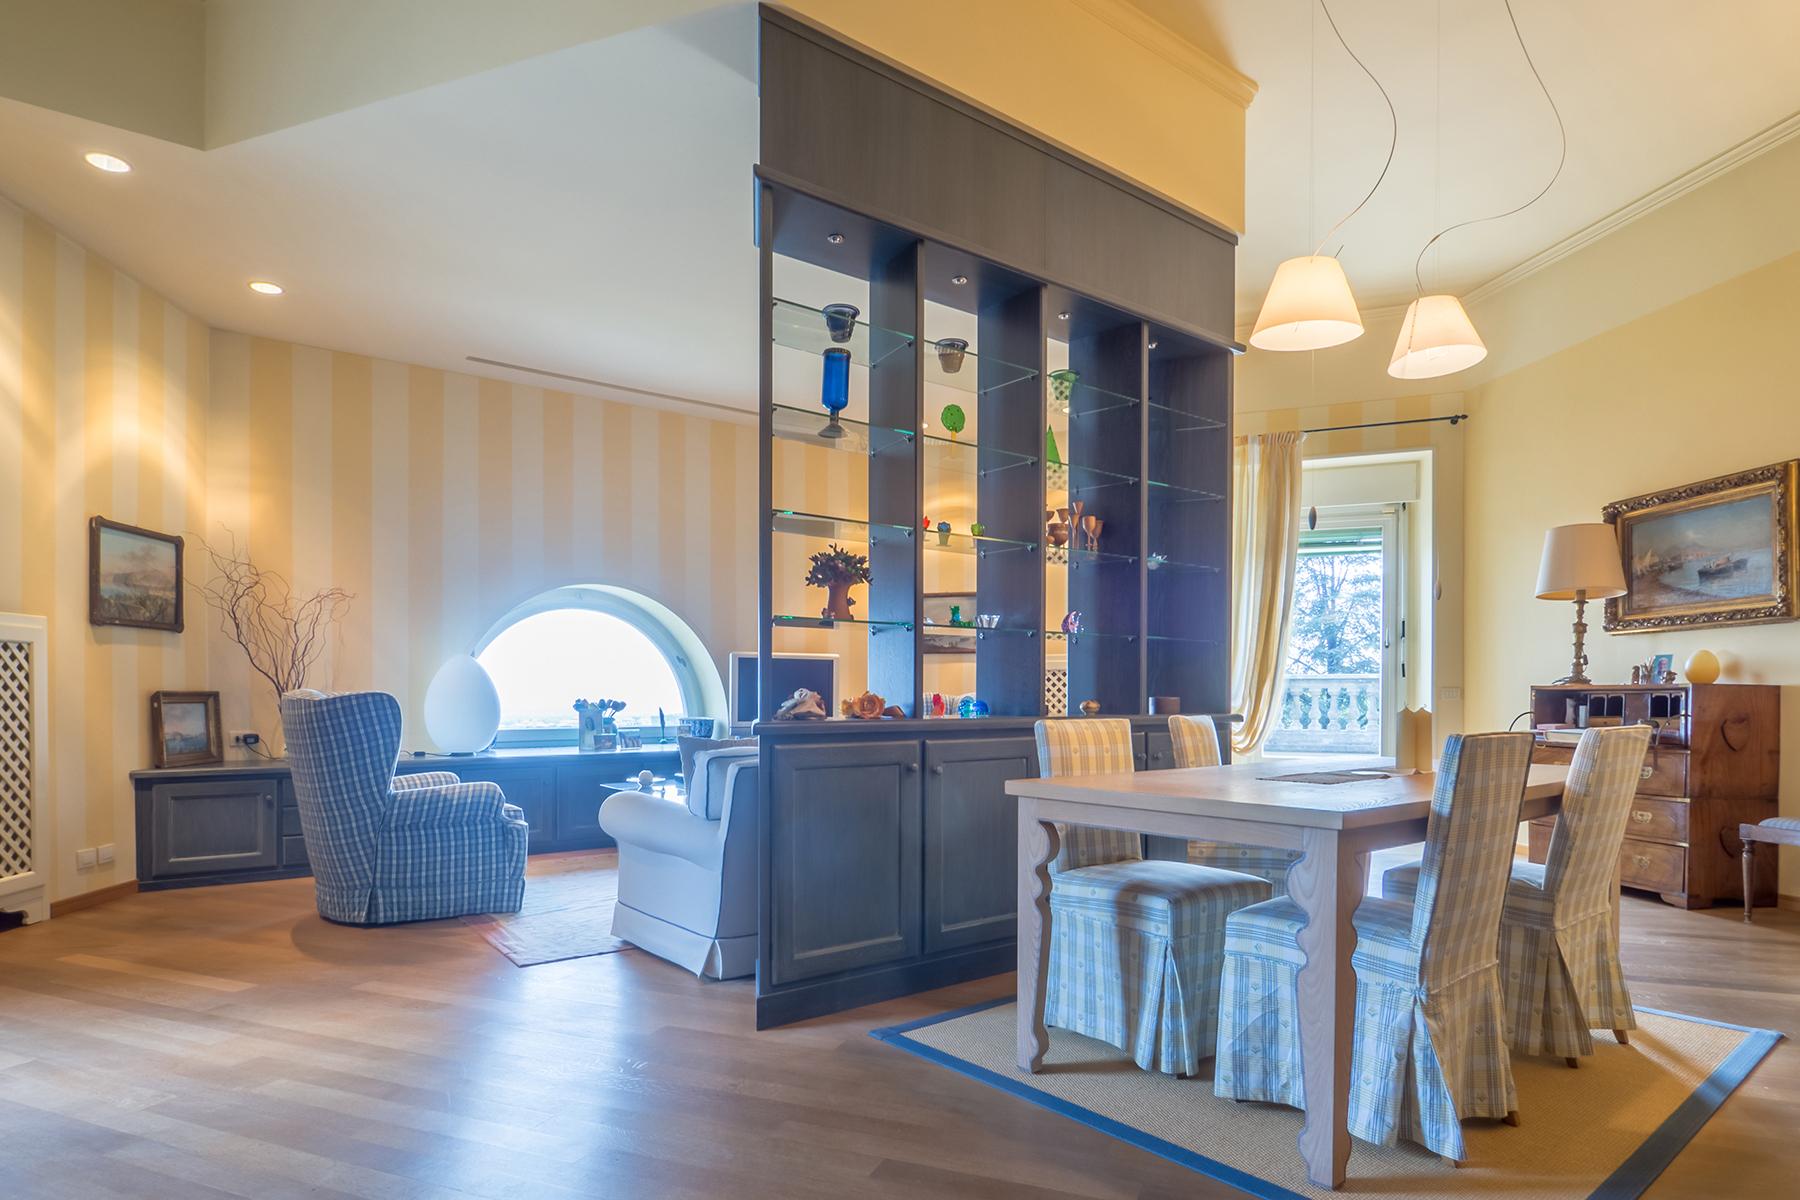 Appartamento in Vendita a Biella: 4 locali, 185 mq - Foto 6